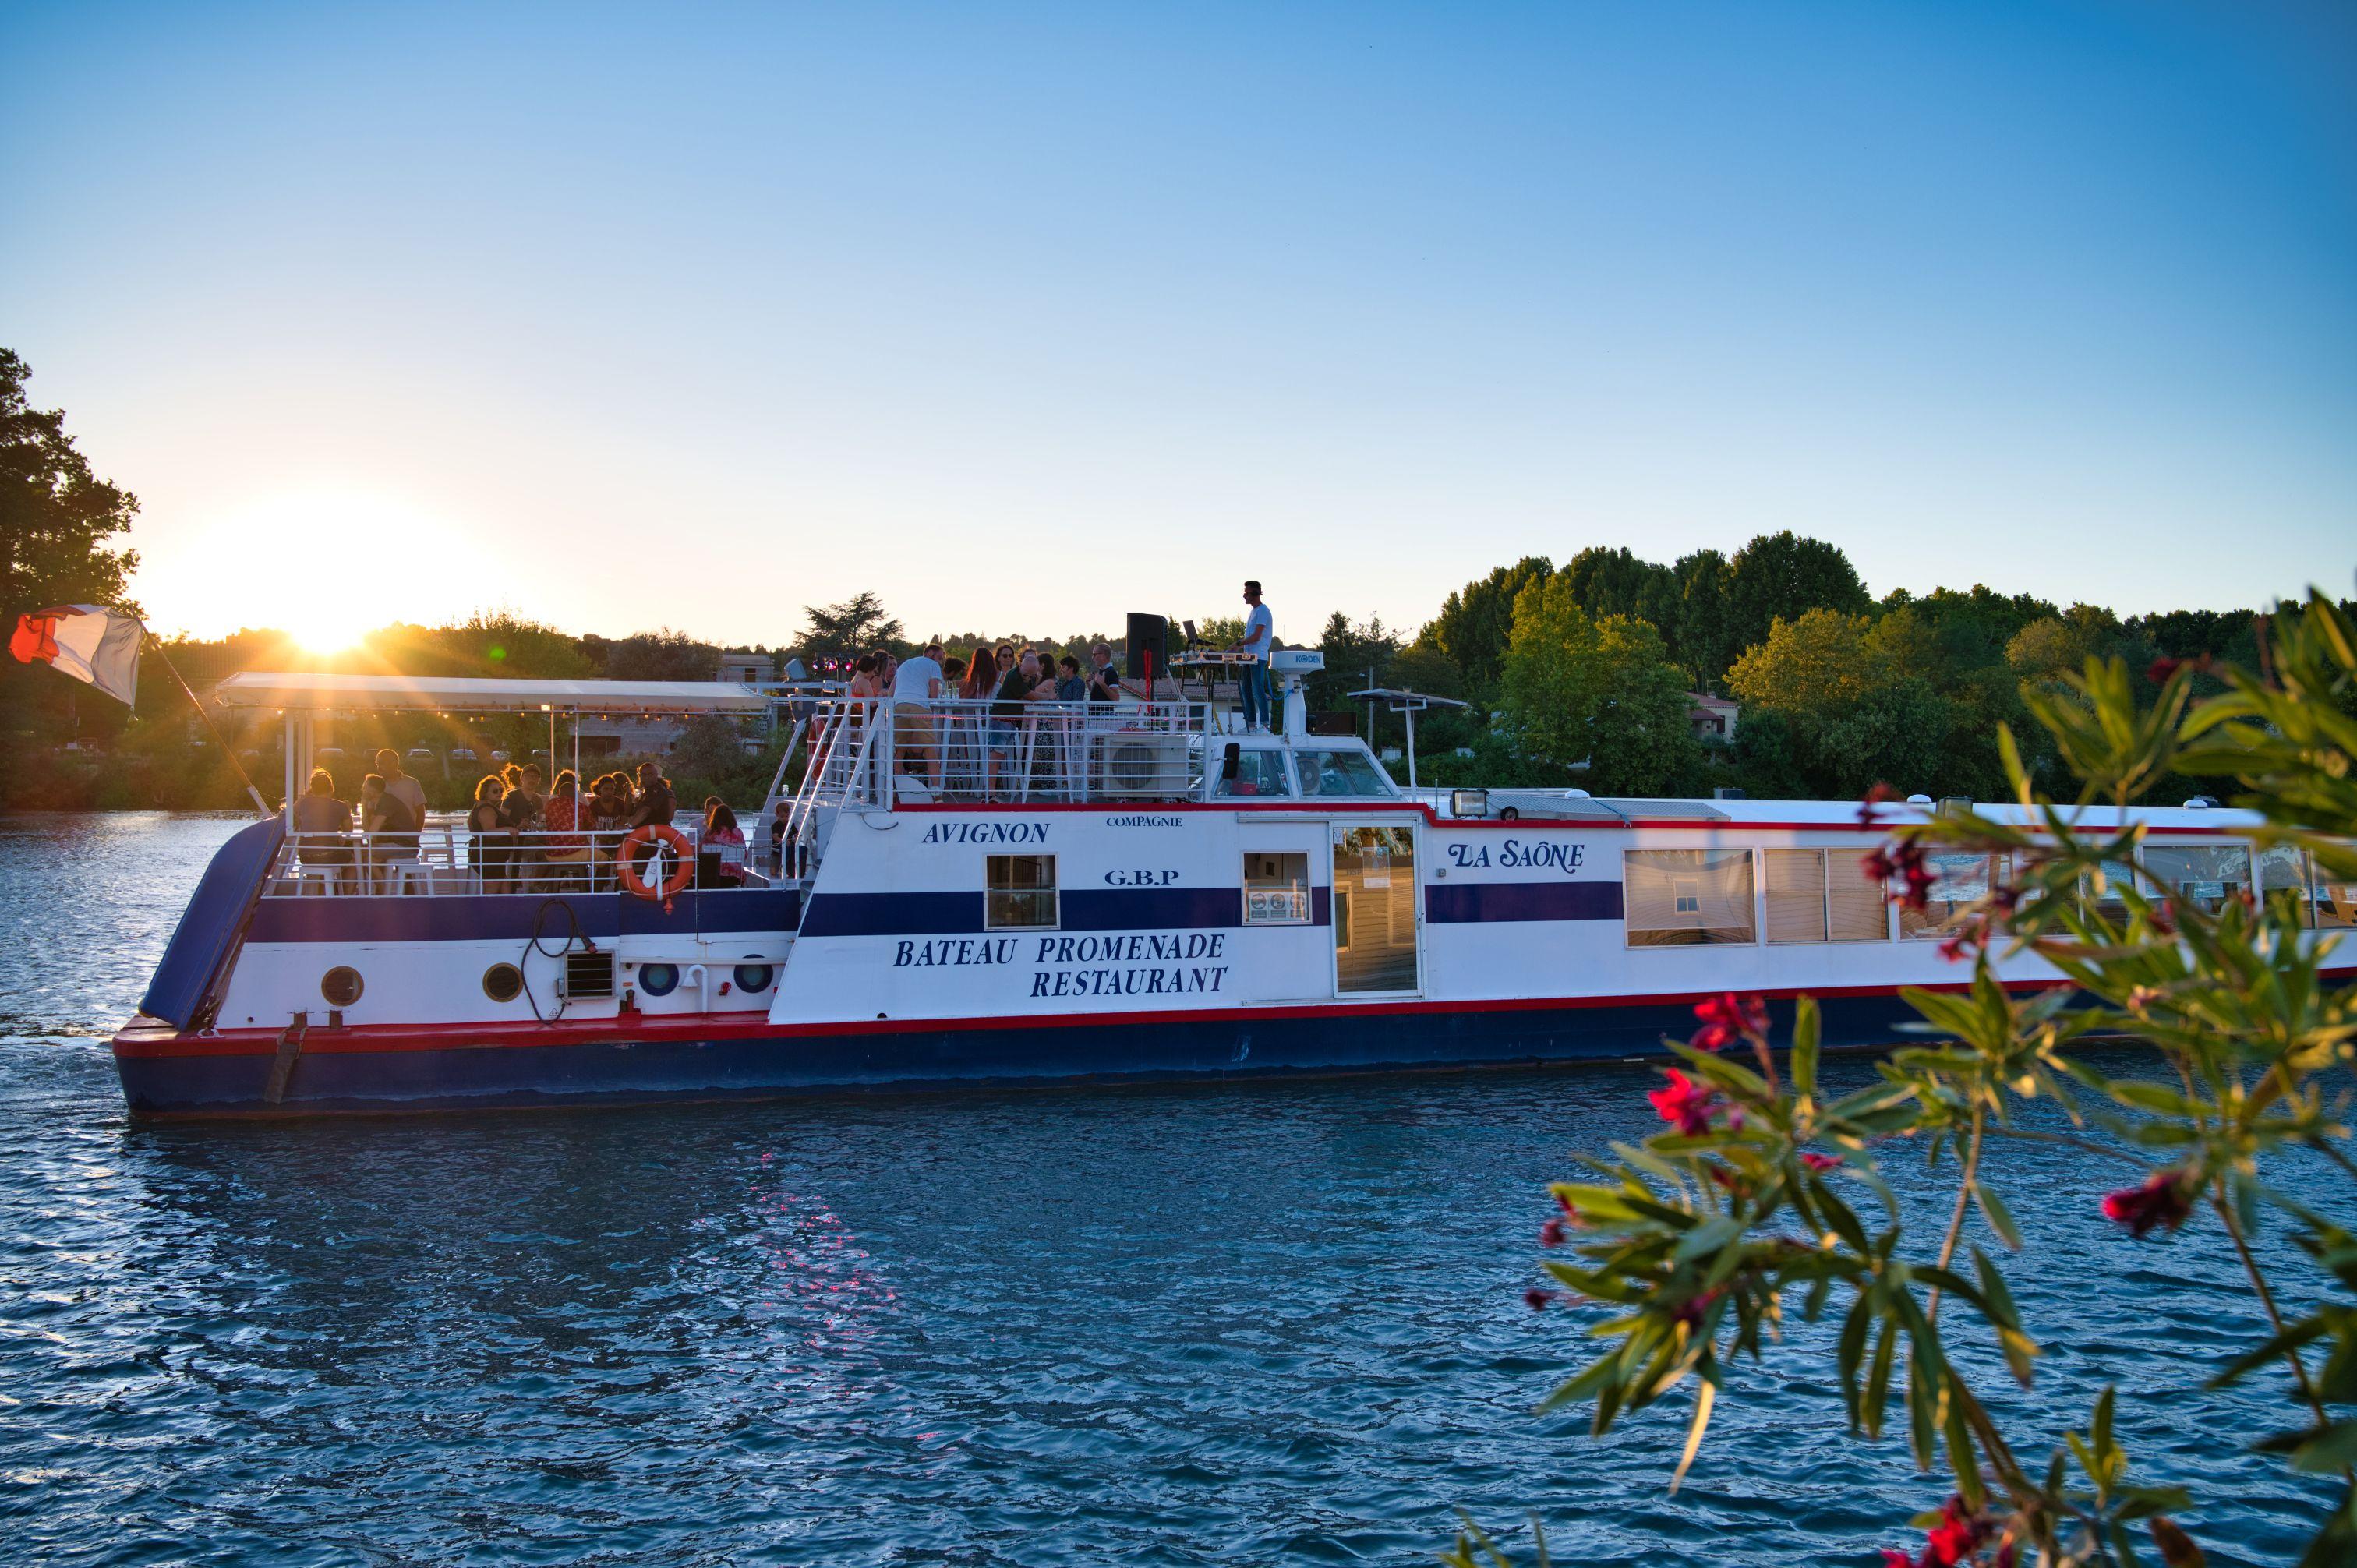 Le Saône bateau promenade